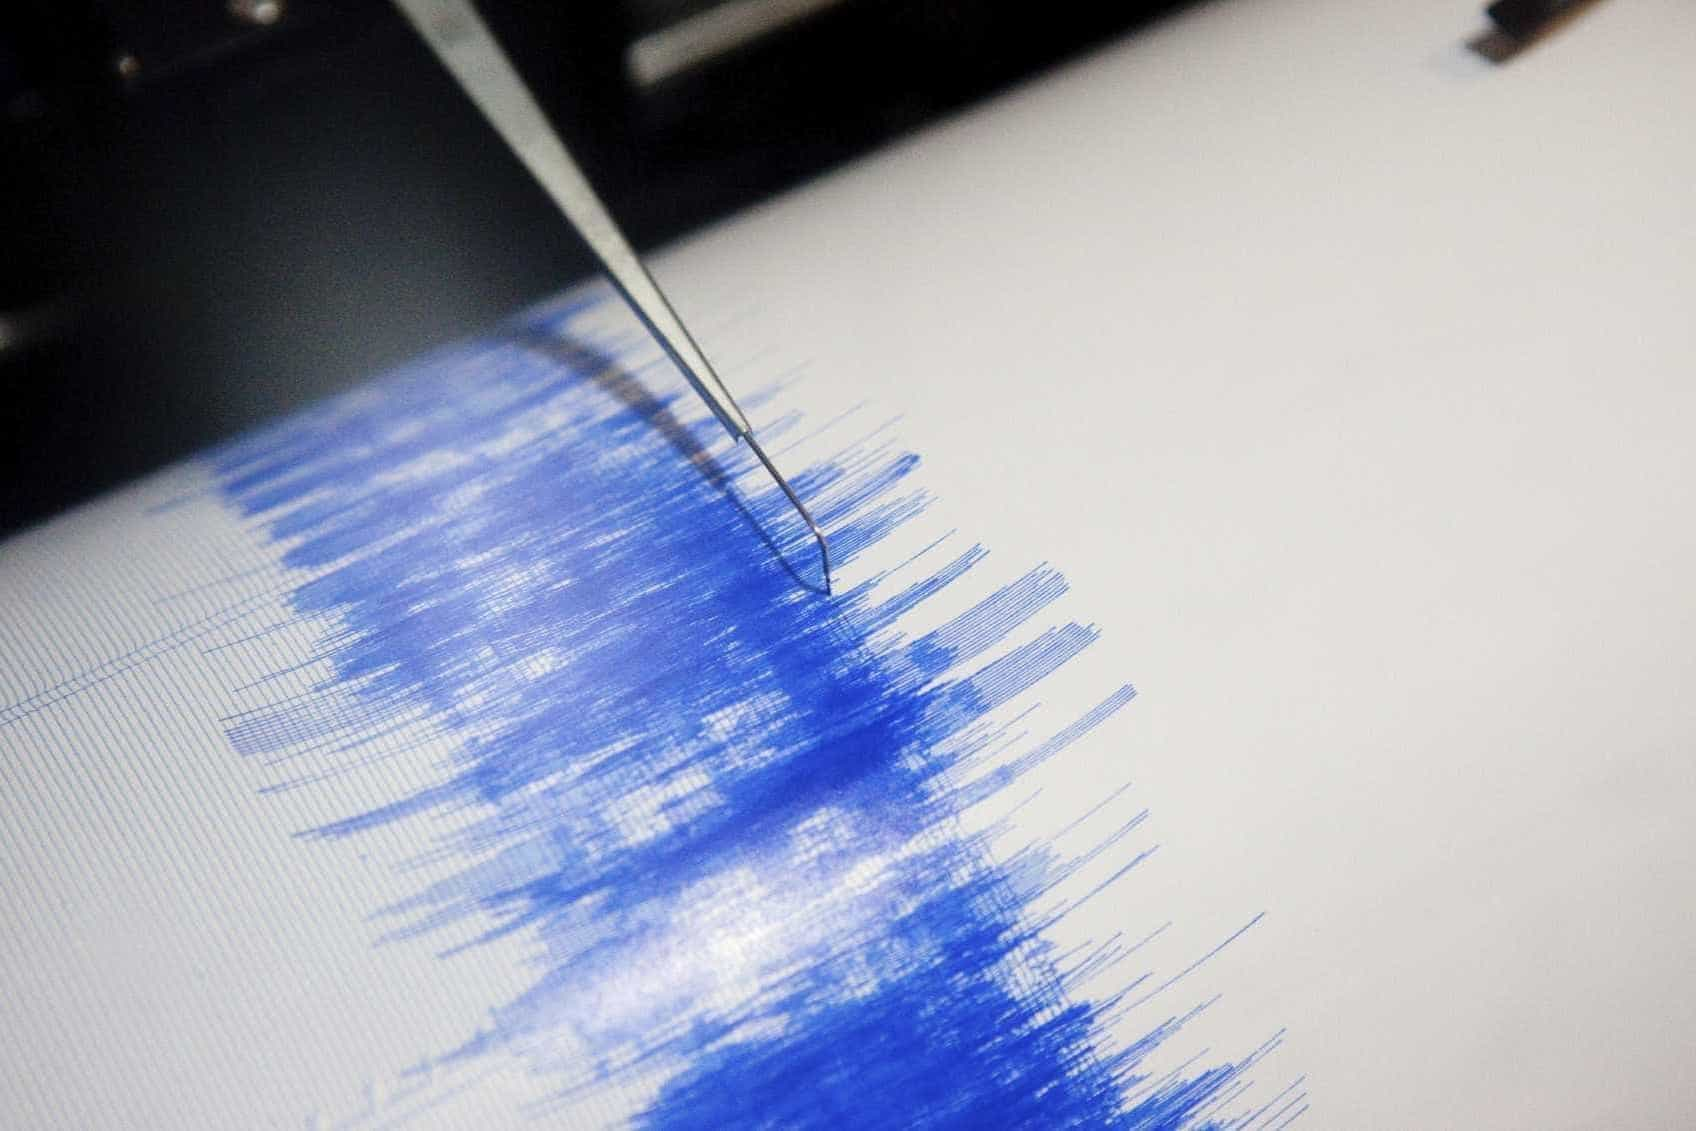 Sismo de magnitude 6,1 registado na Colômbia